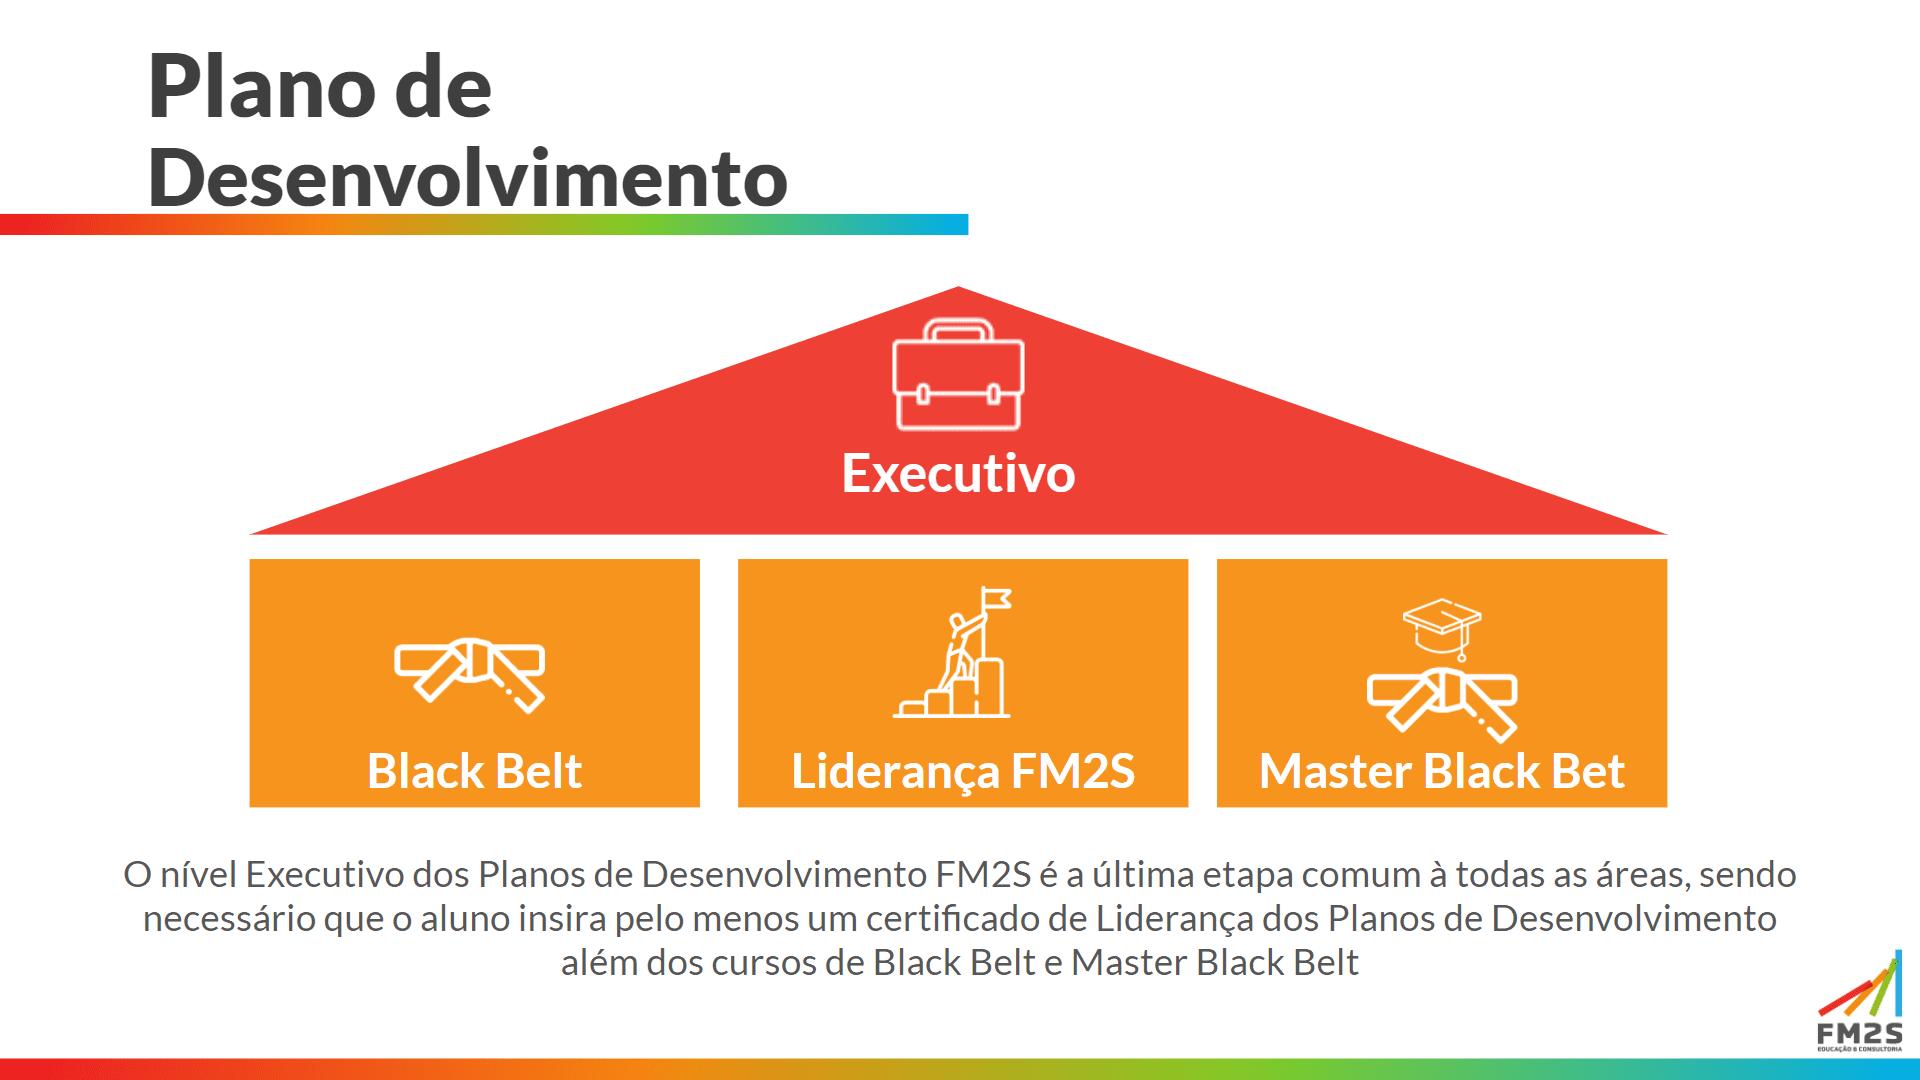 Plano de Desenvolvimento FM2S-min